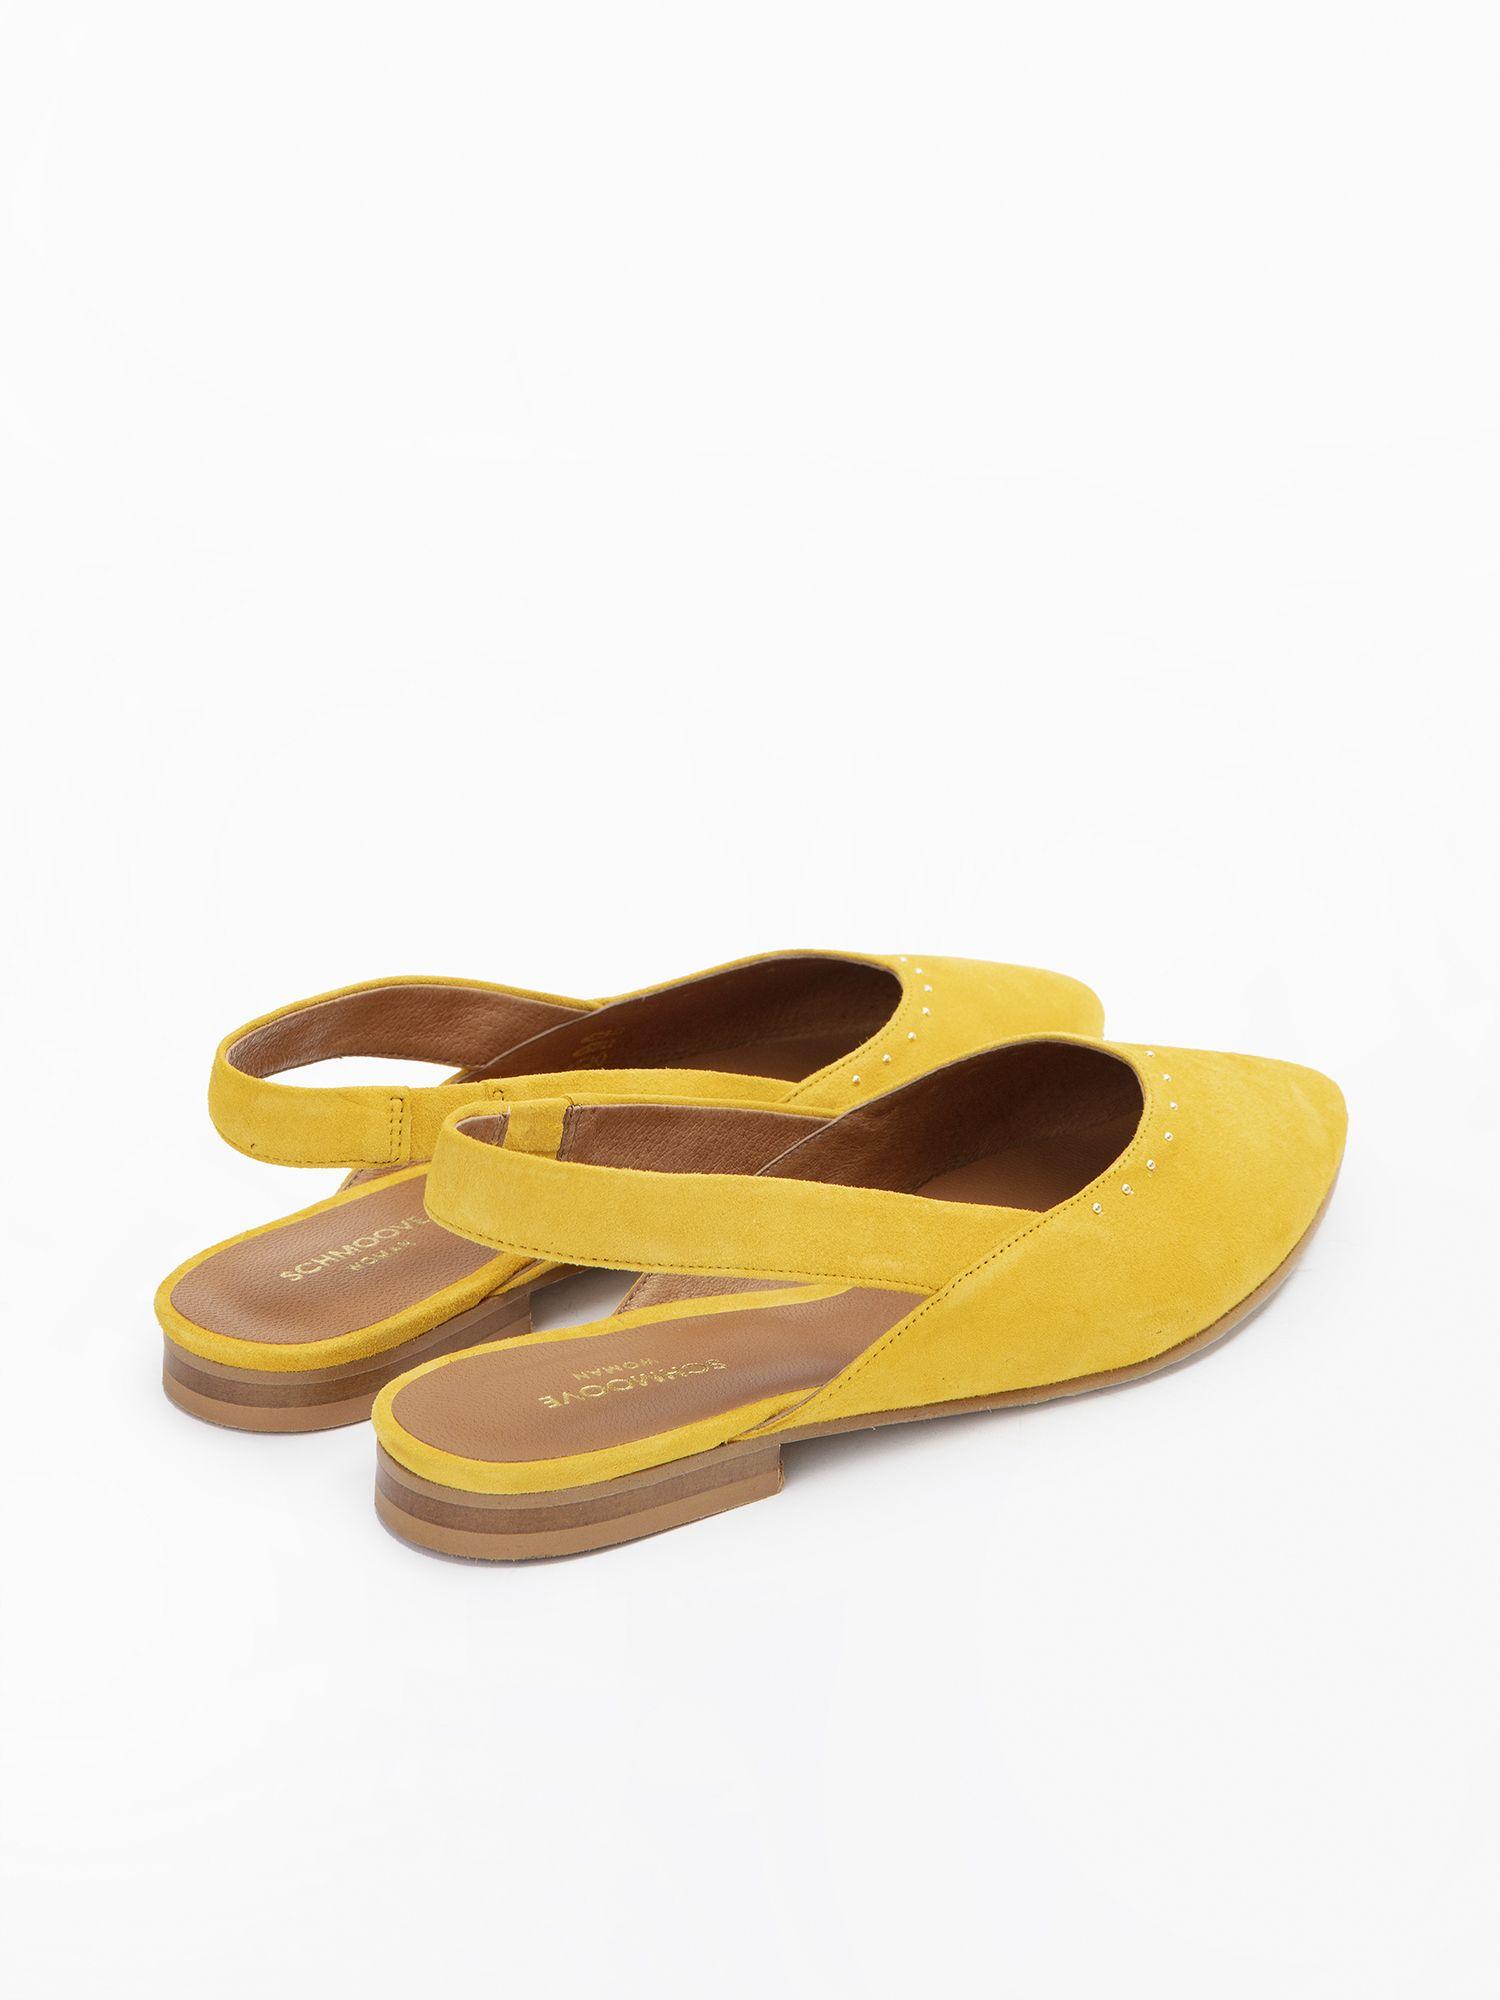 schmoove.fr Eva Pump - Kid Suede - Mimosa